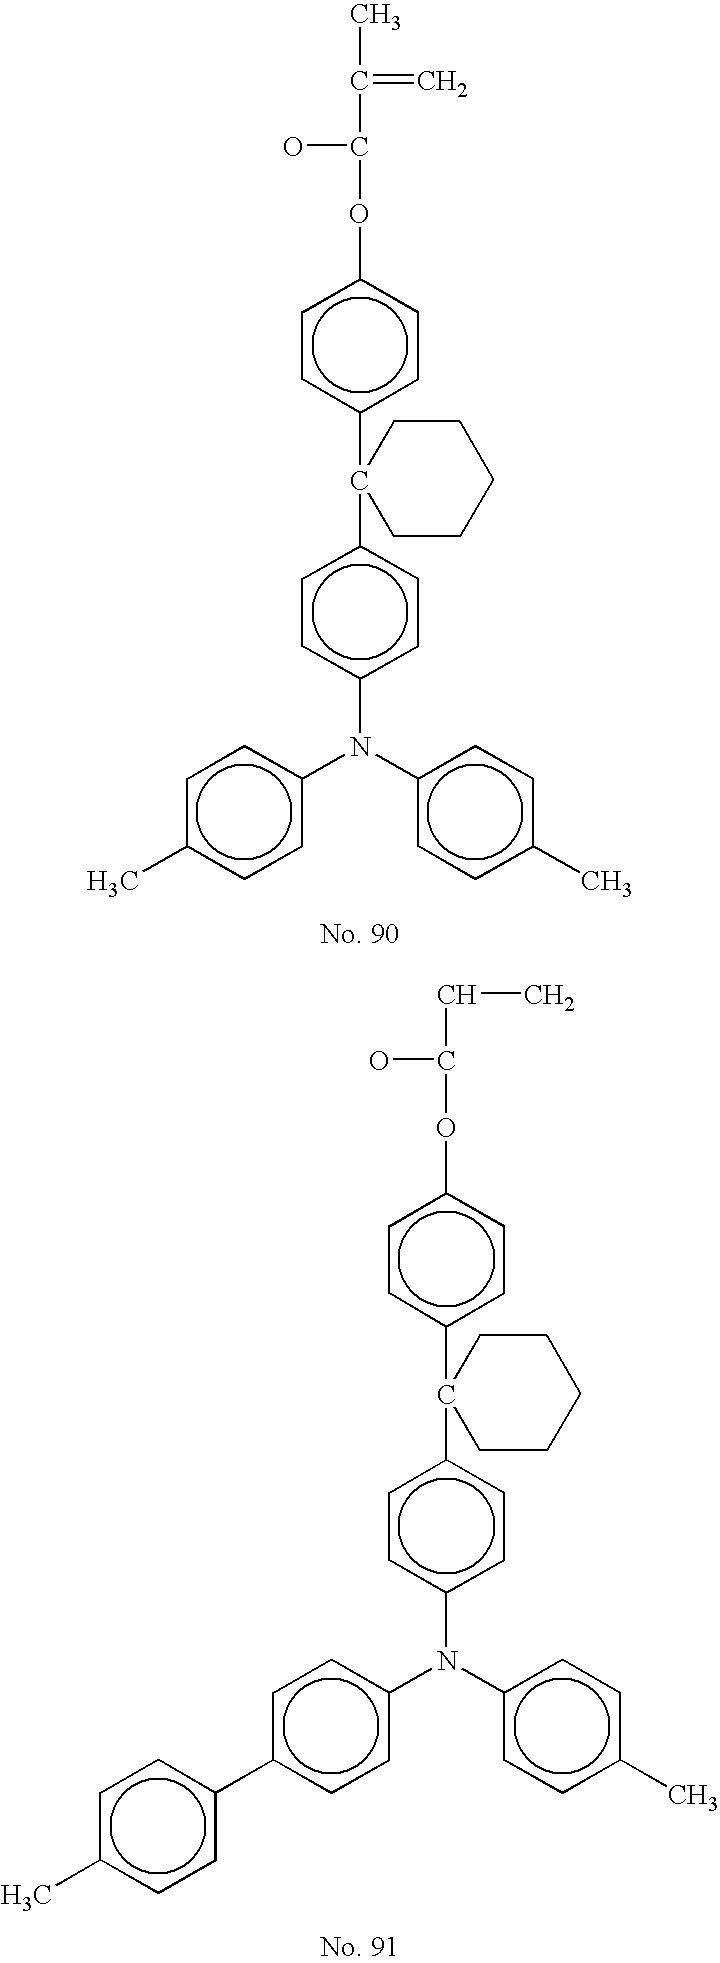 Figure US20070196749A1-20070823-C00032